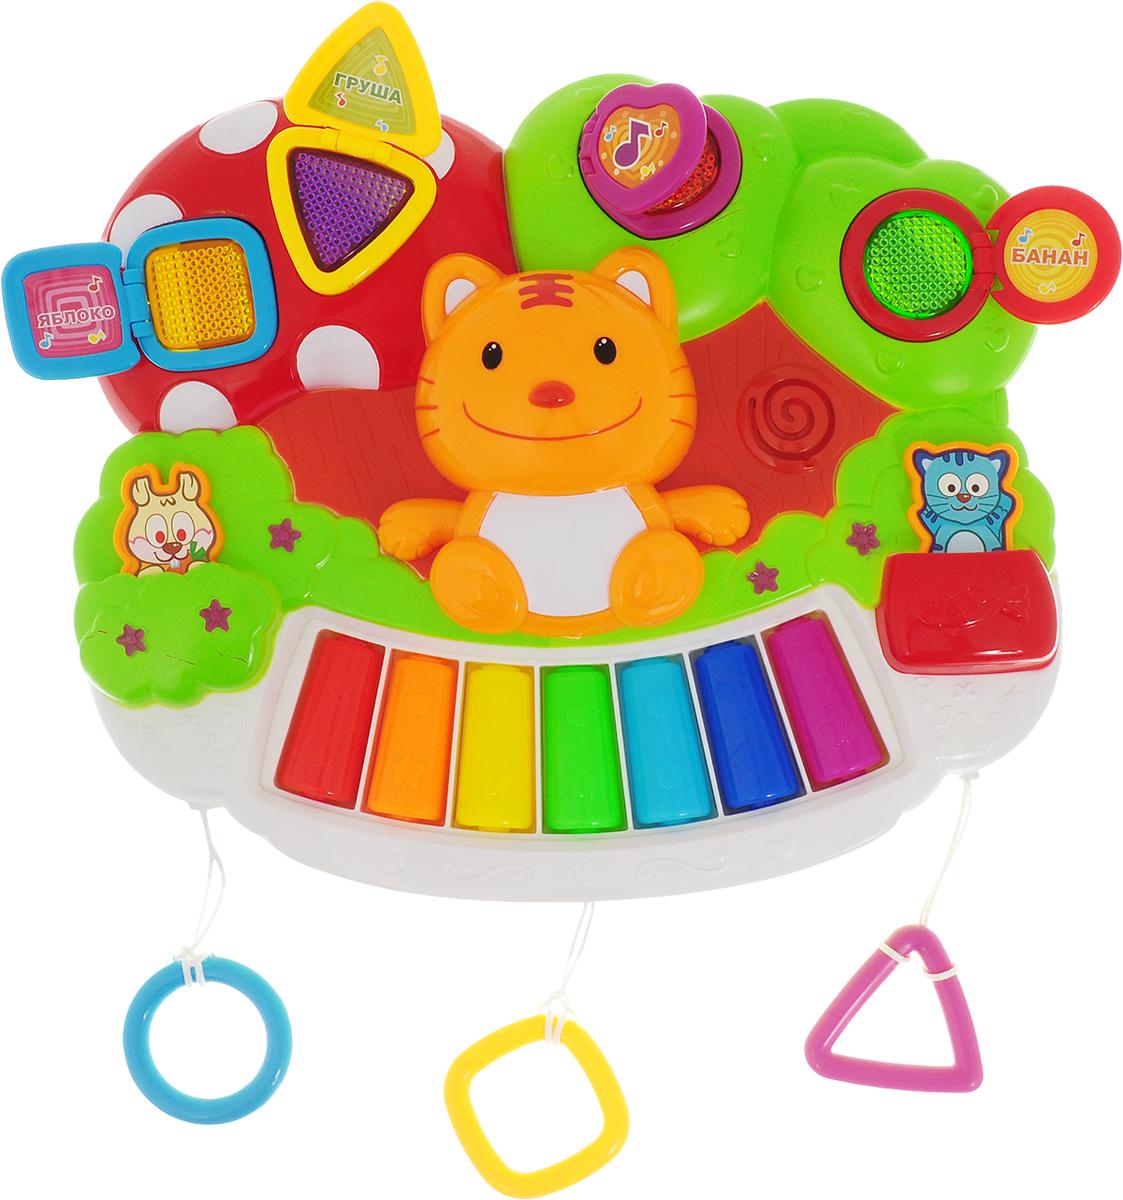 игрушки до года развивающие картинки быть одной